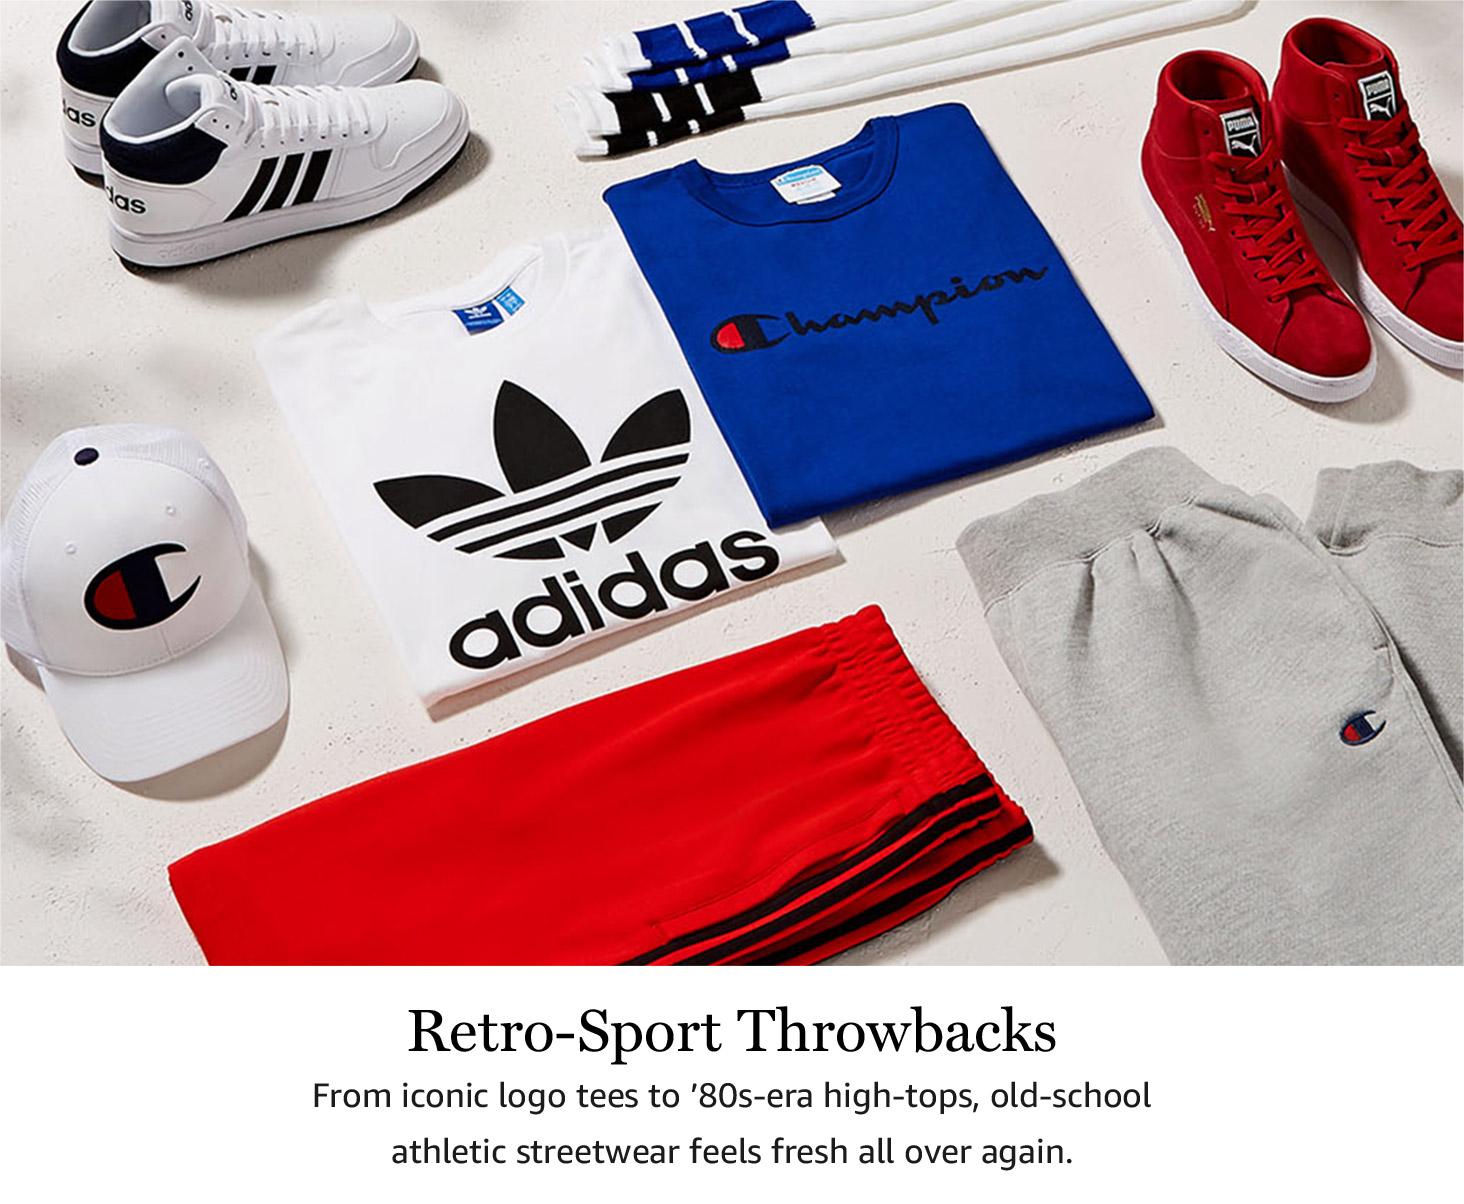 Retro-Sport Throwbacks